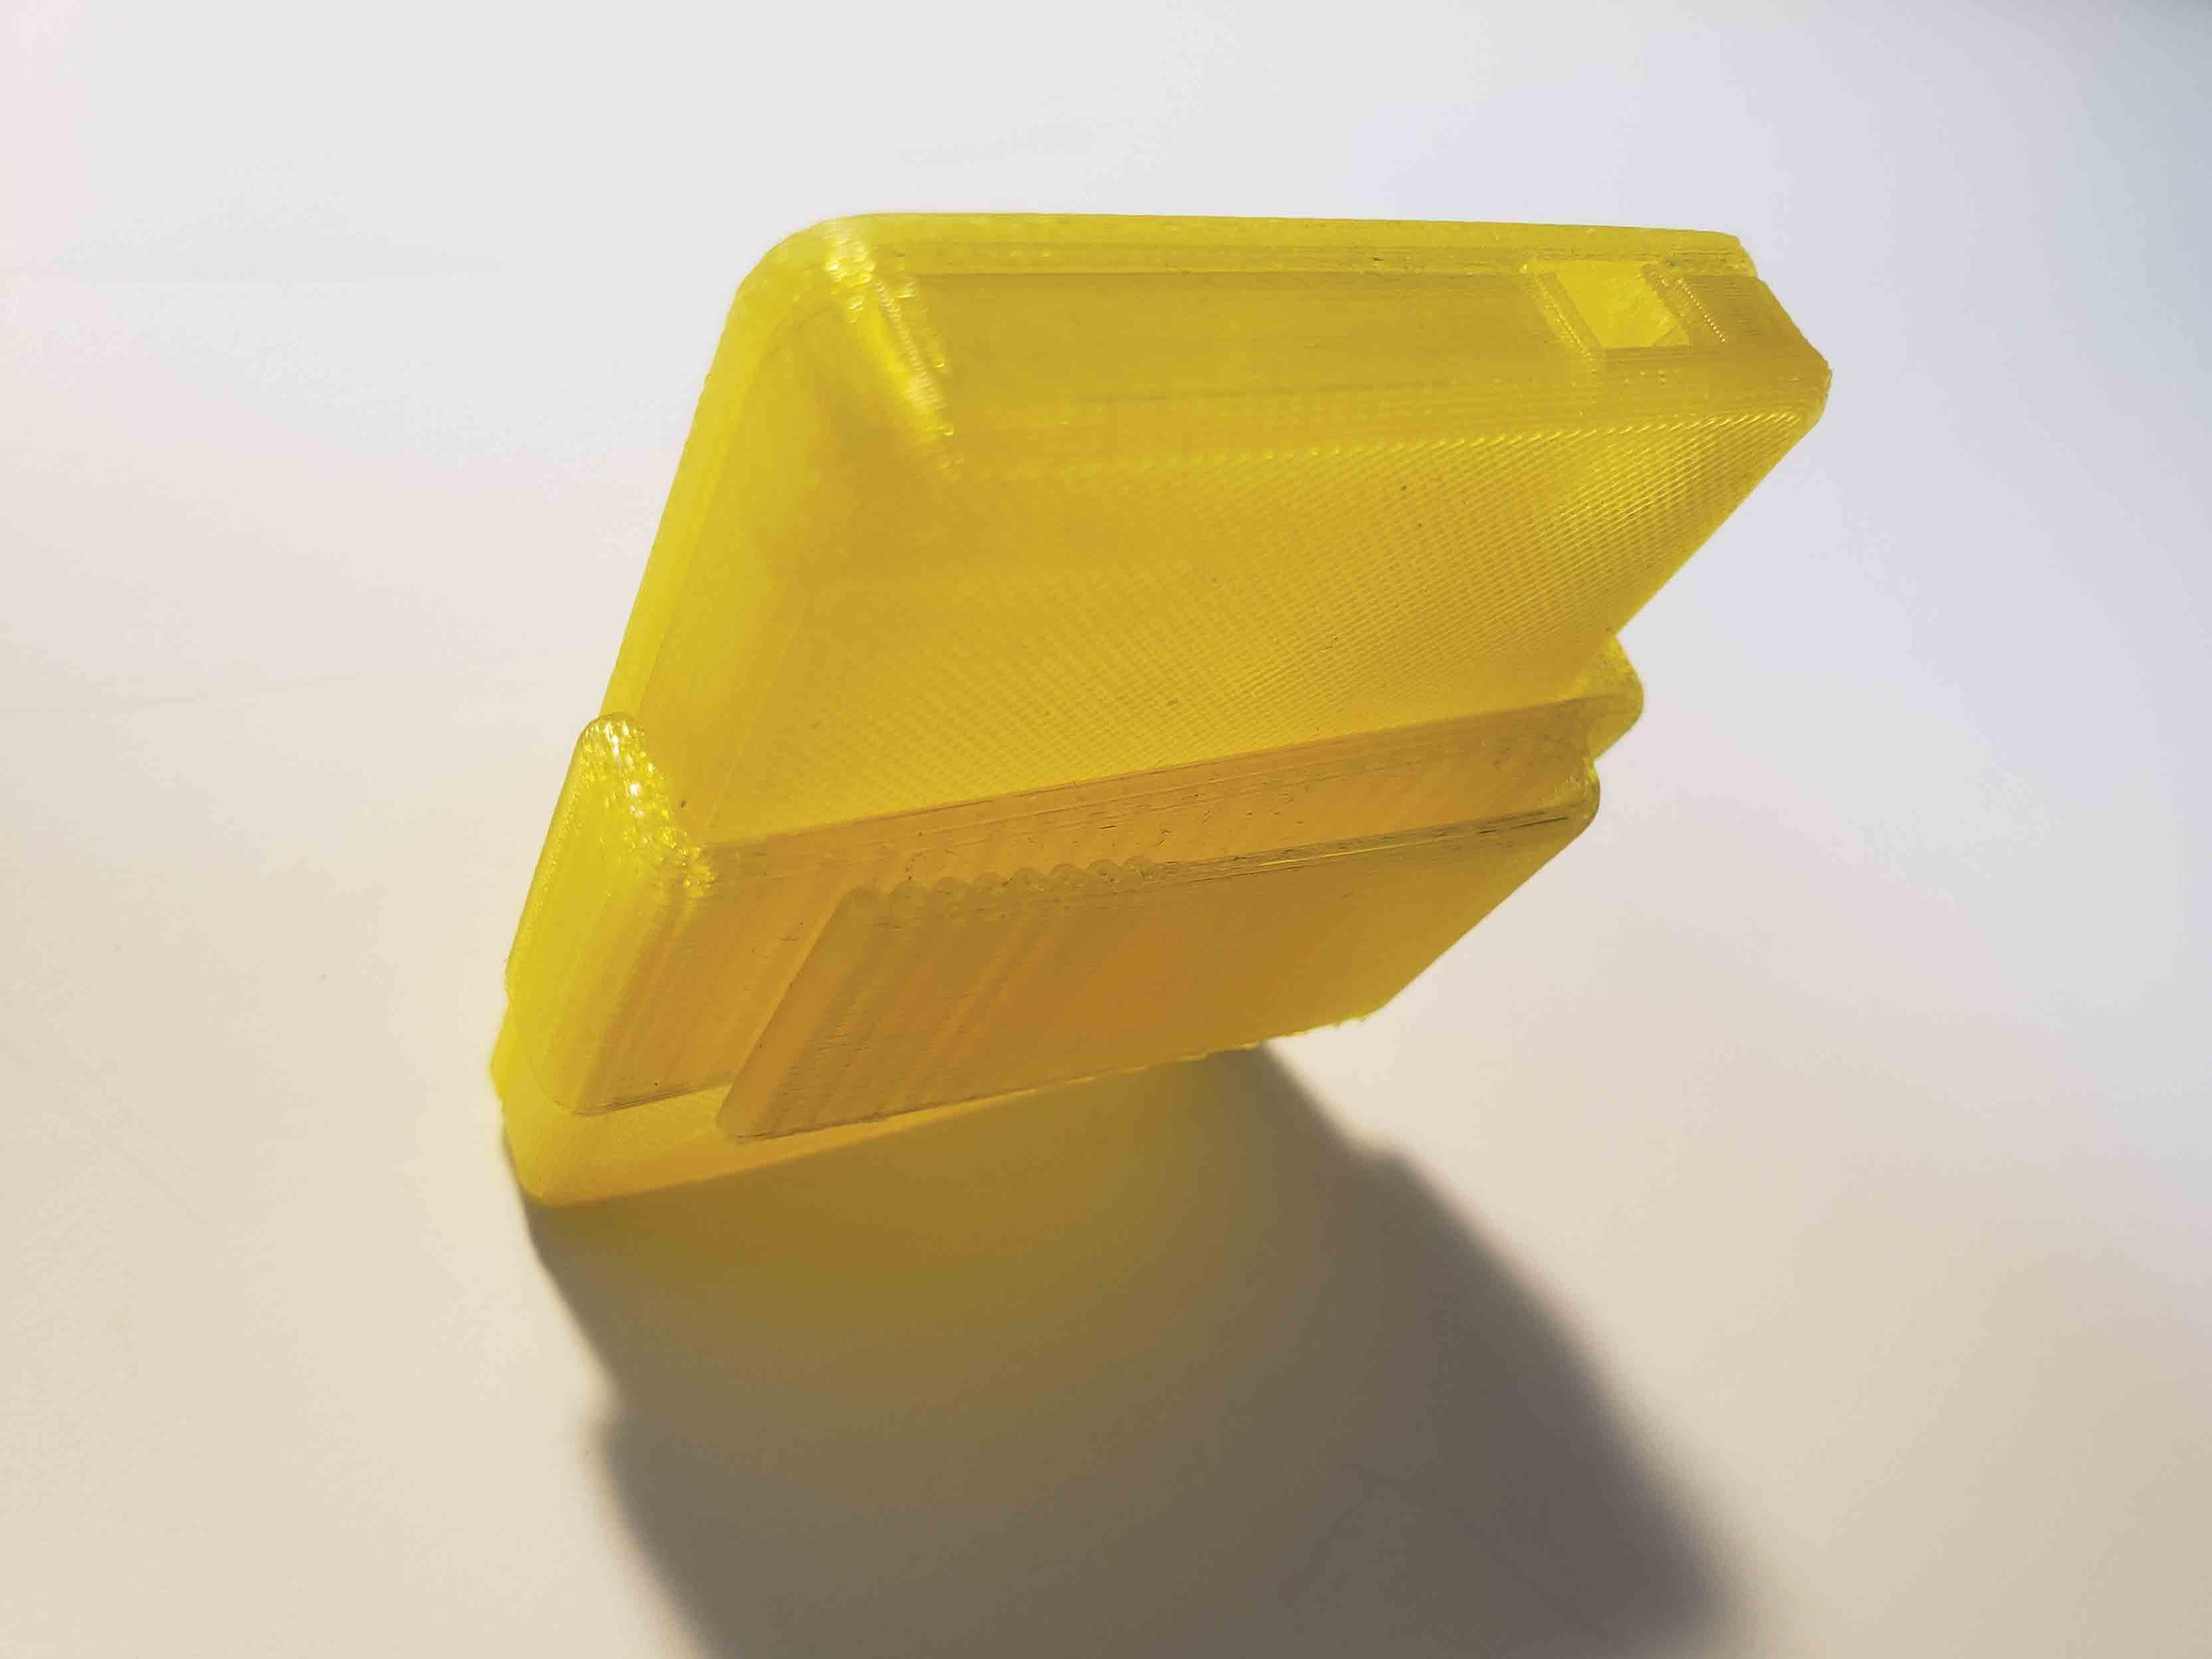 Prototype-ECG-Housings-Yellow-Clip-v1.2